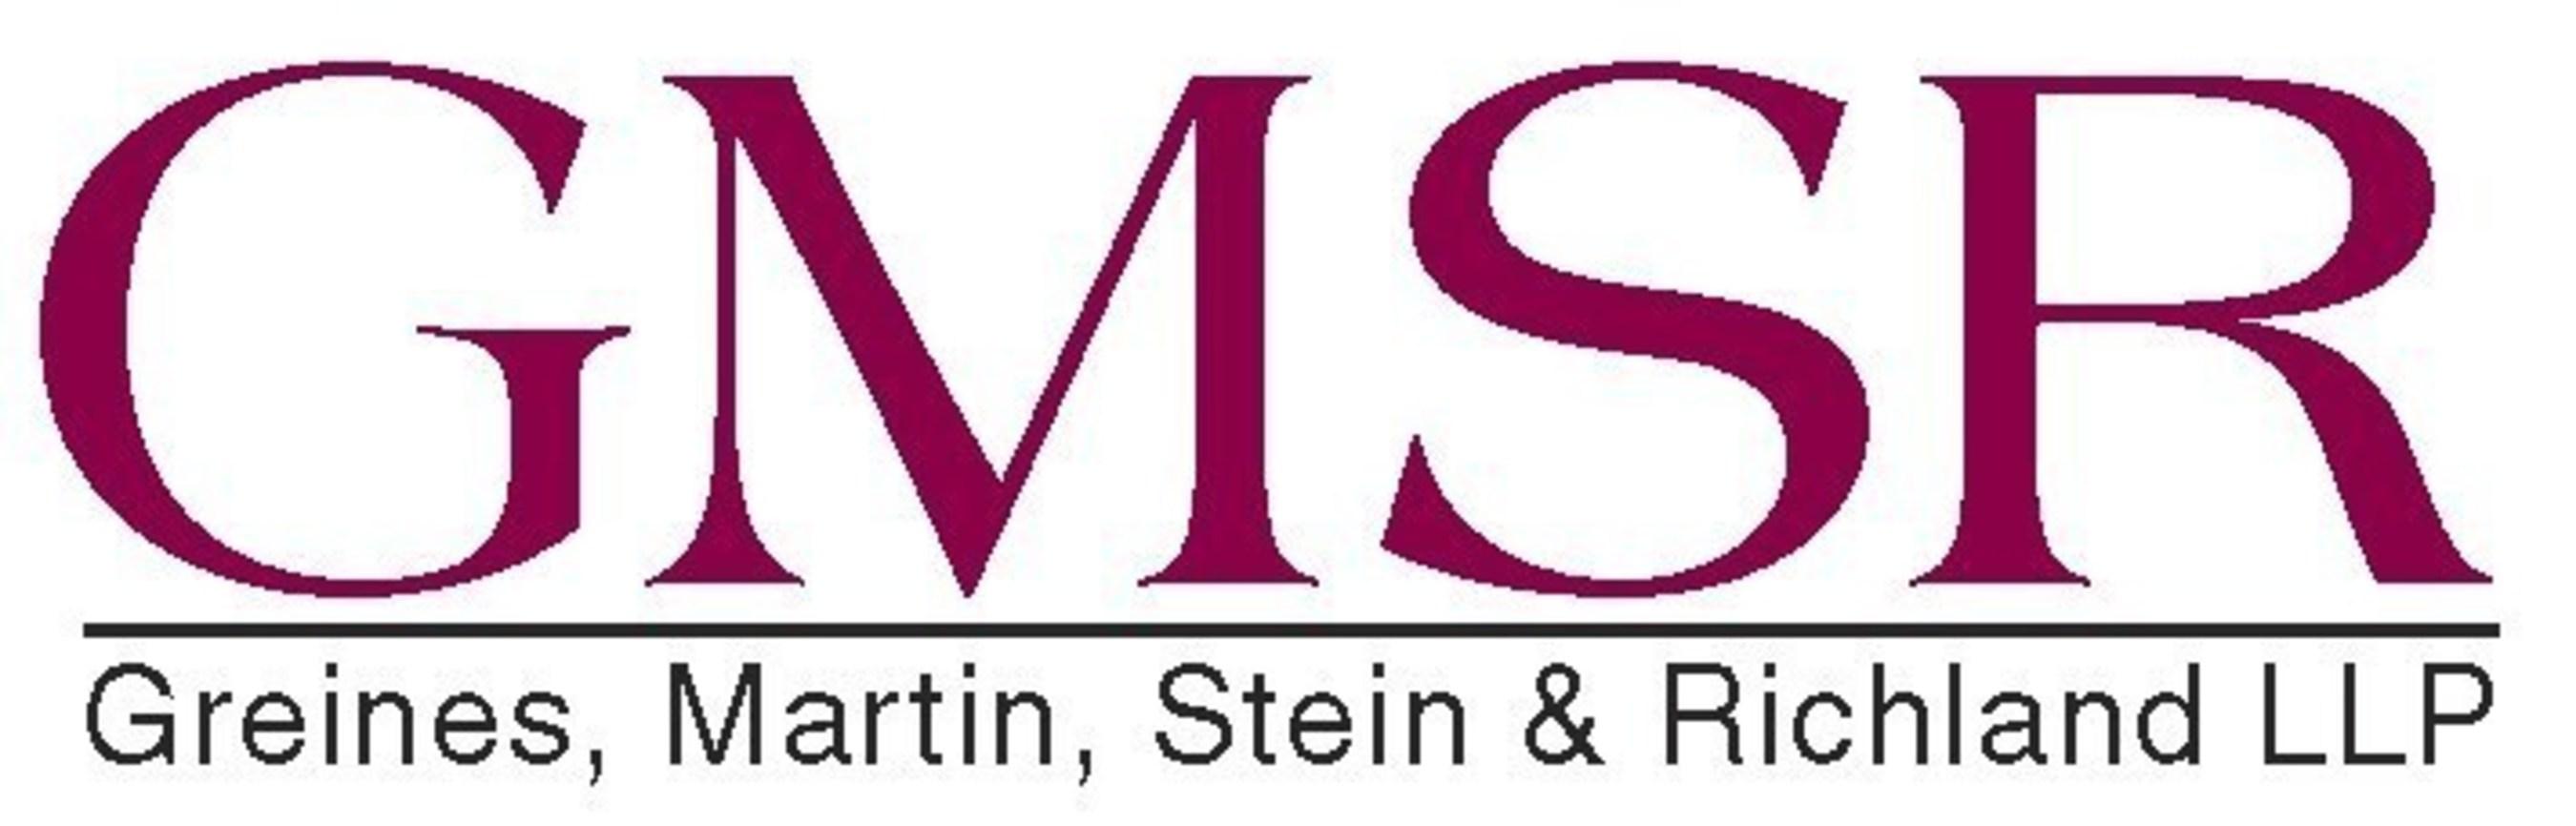 Greines, Martin, Stein & Richland LLP, Appellate Law